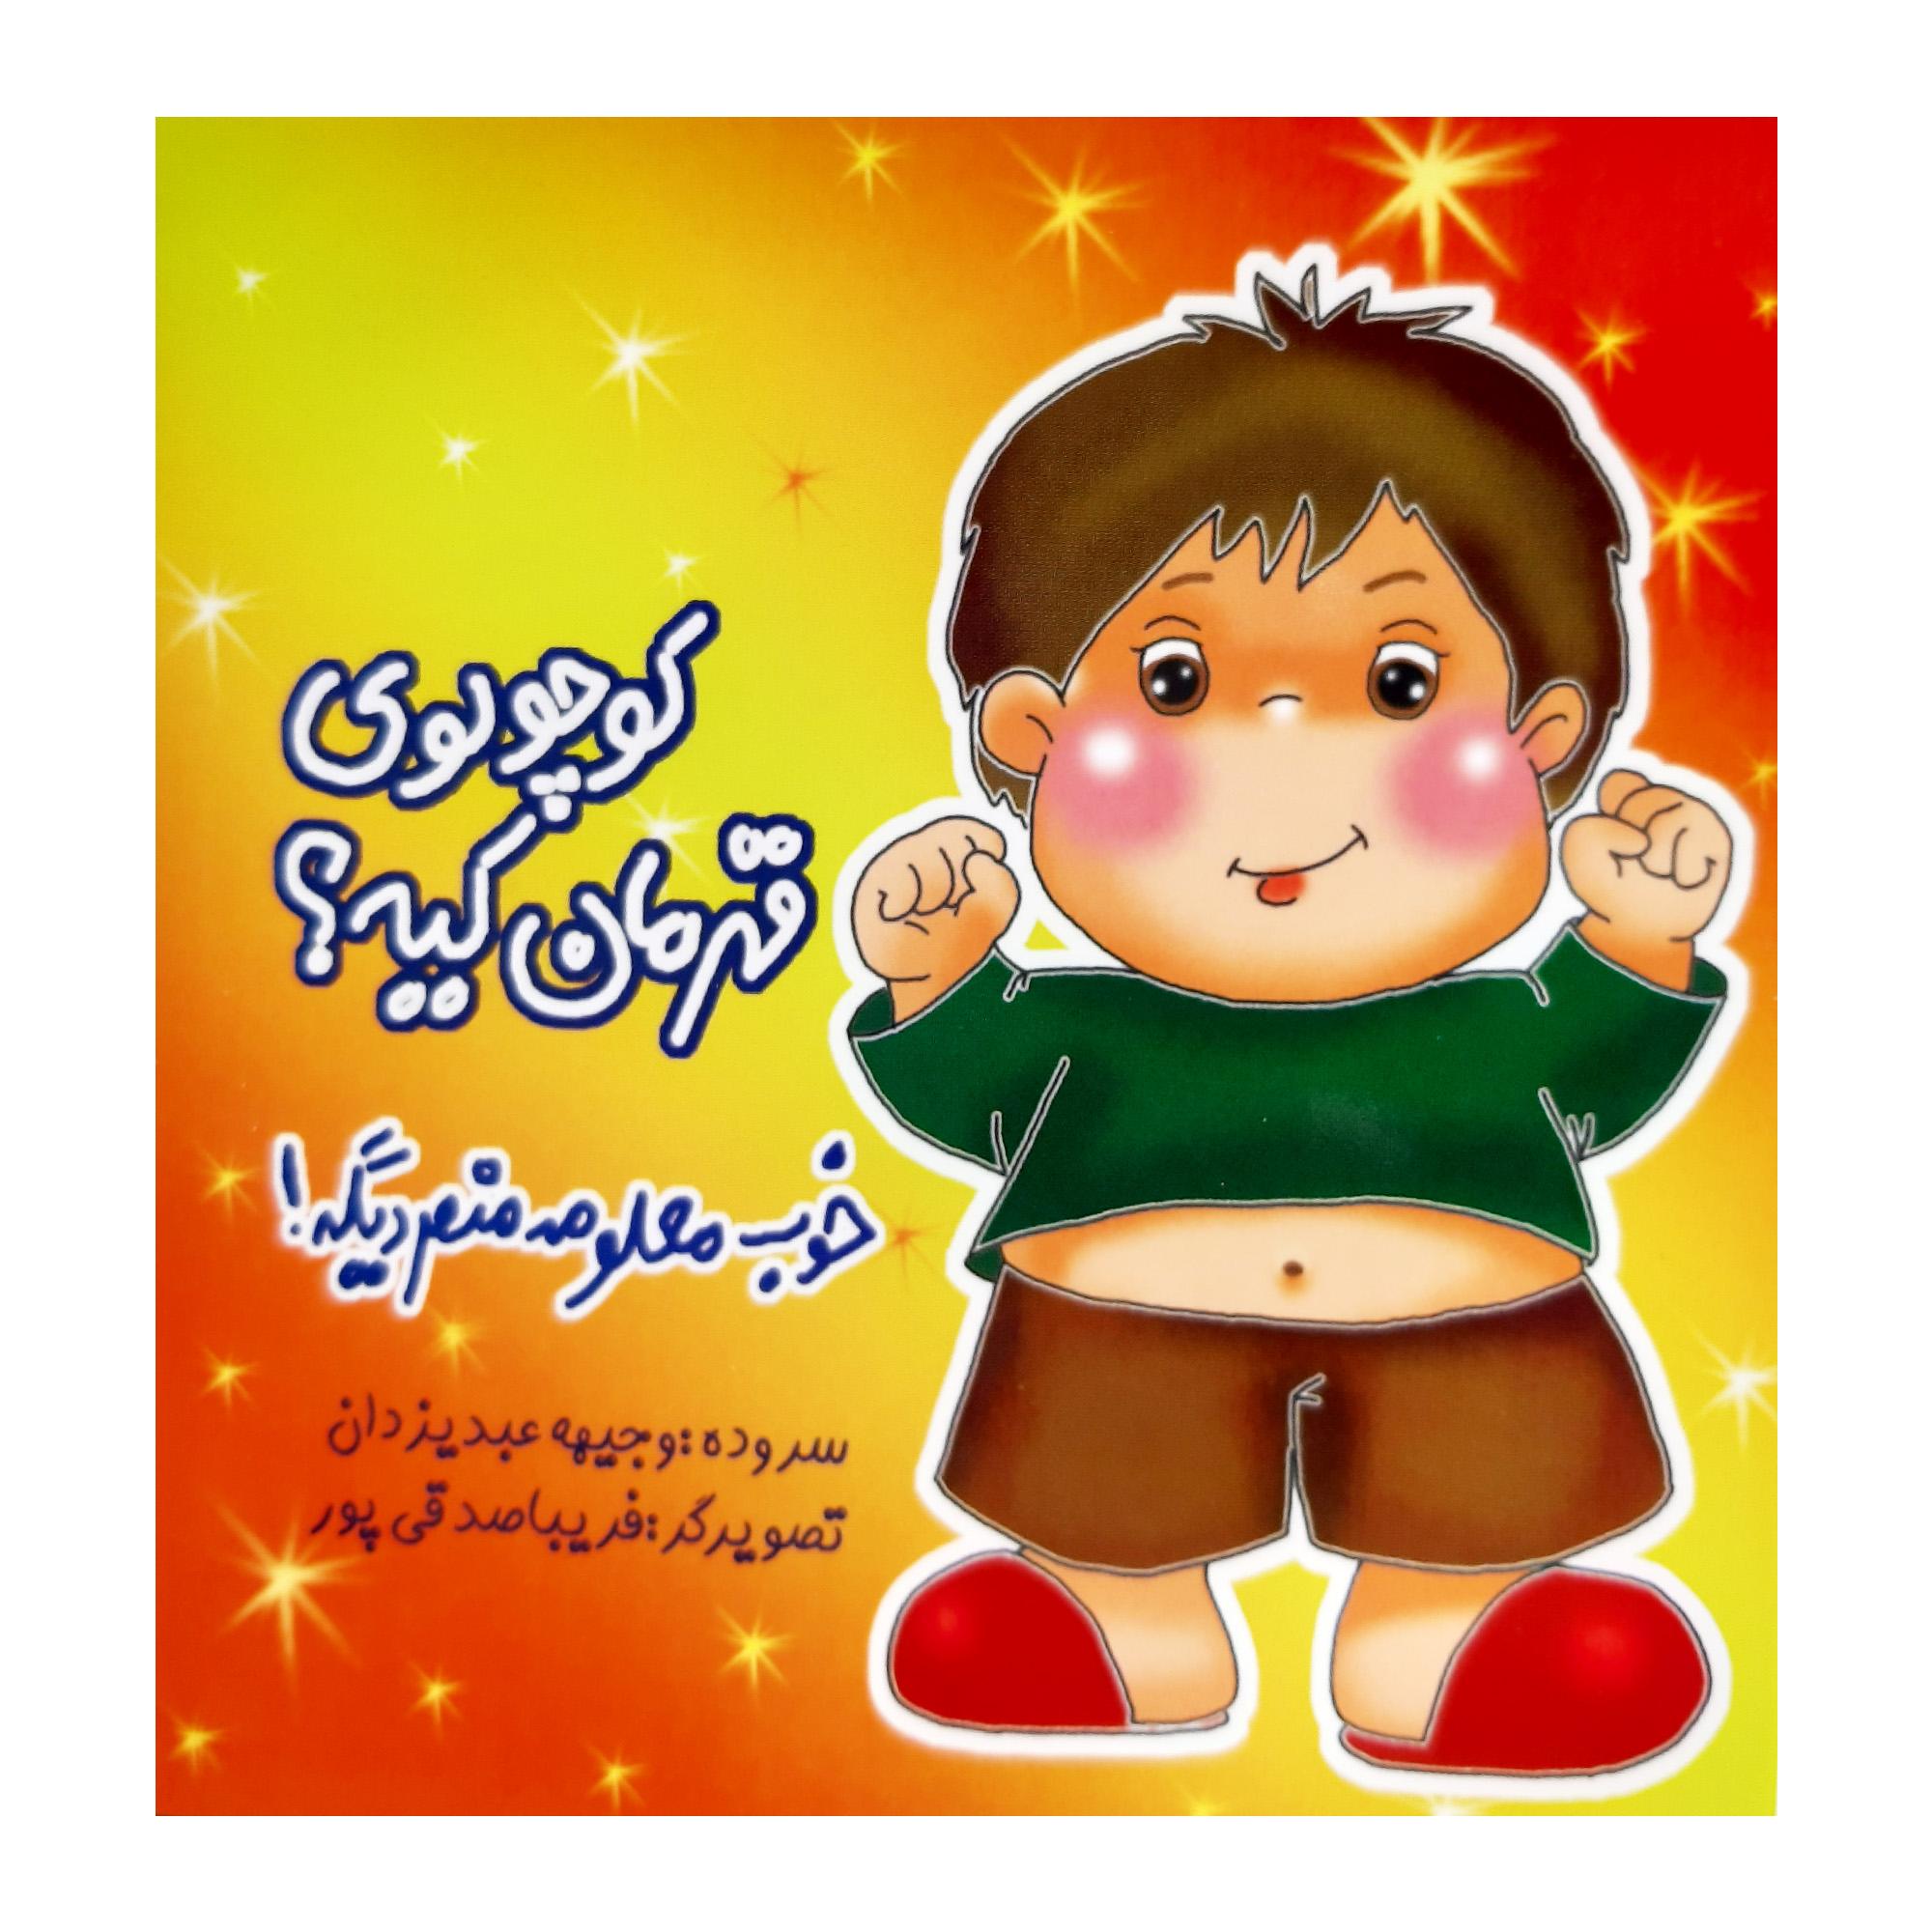 کتاب کوچولوها اثر وجیهه عبدیزدان انتشارات فرهنگ مردم 8 جلدی main 1 8